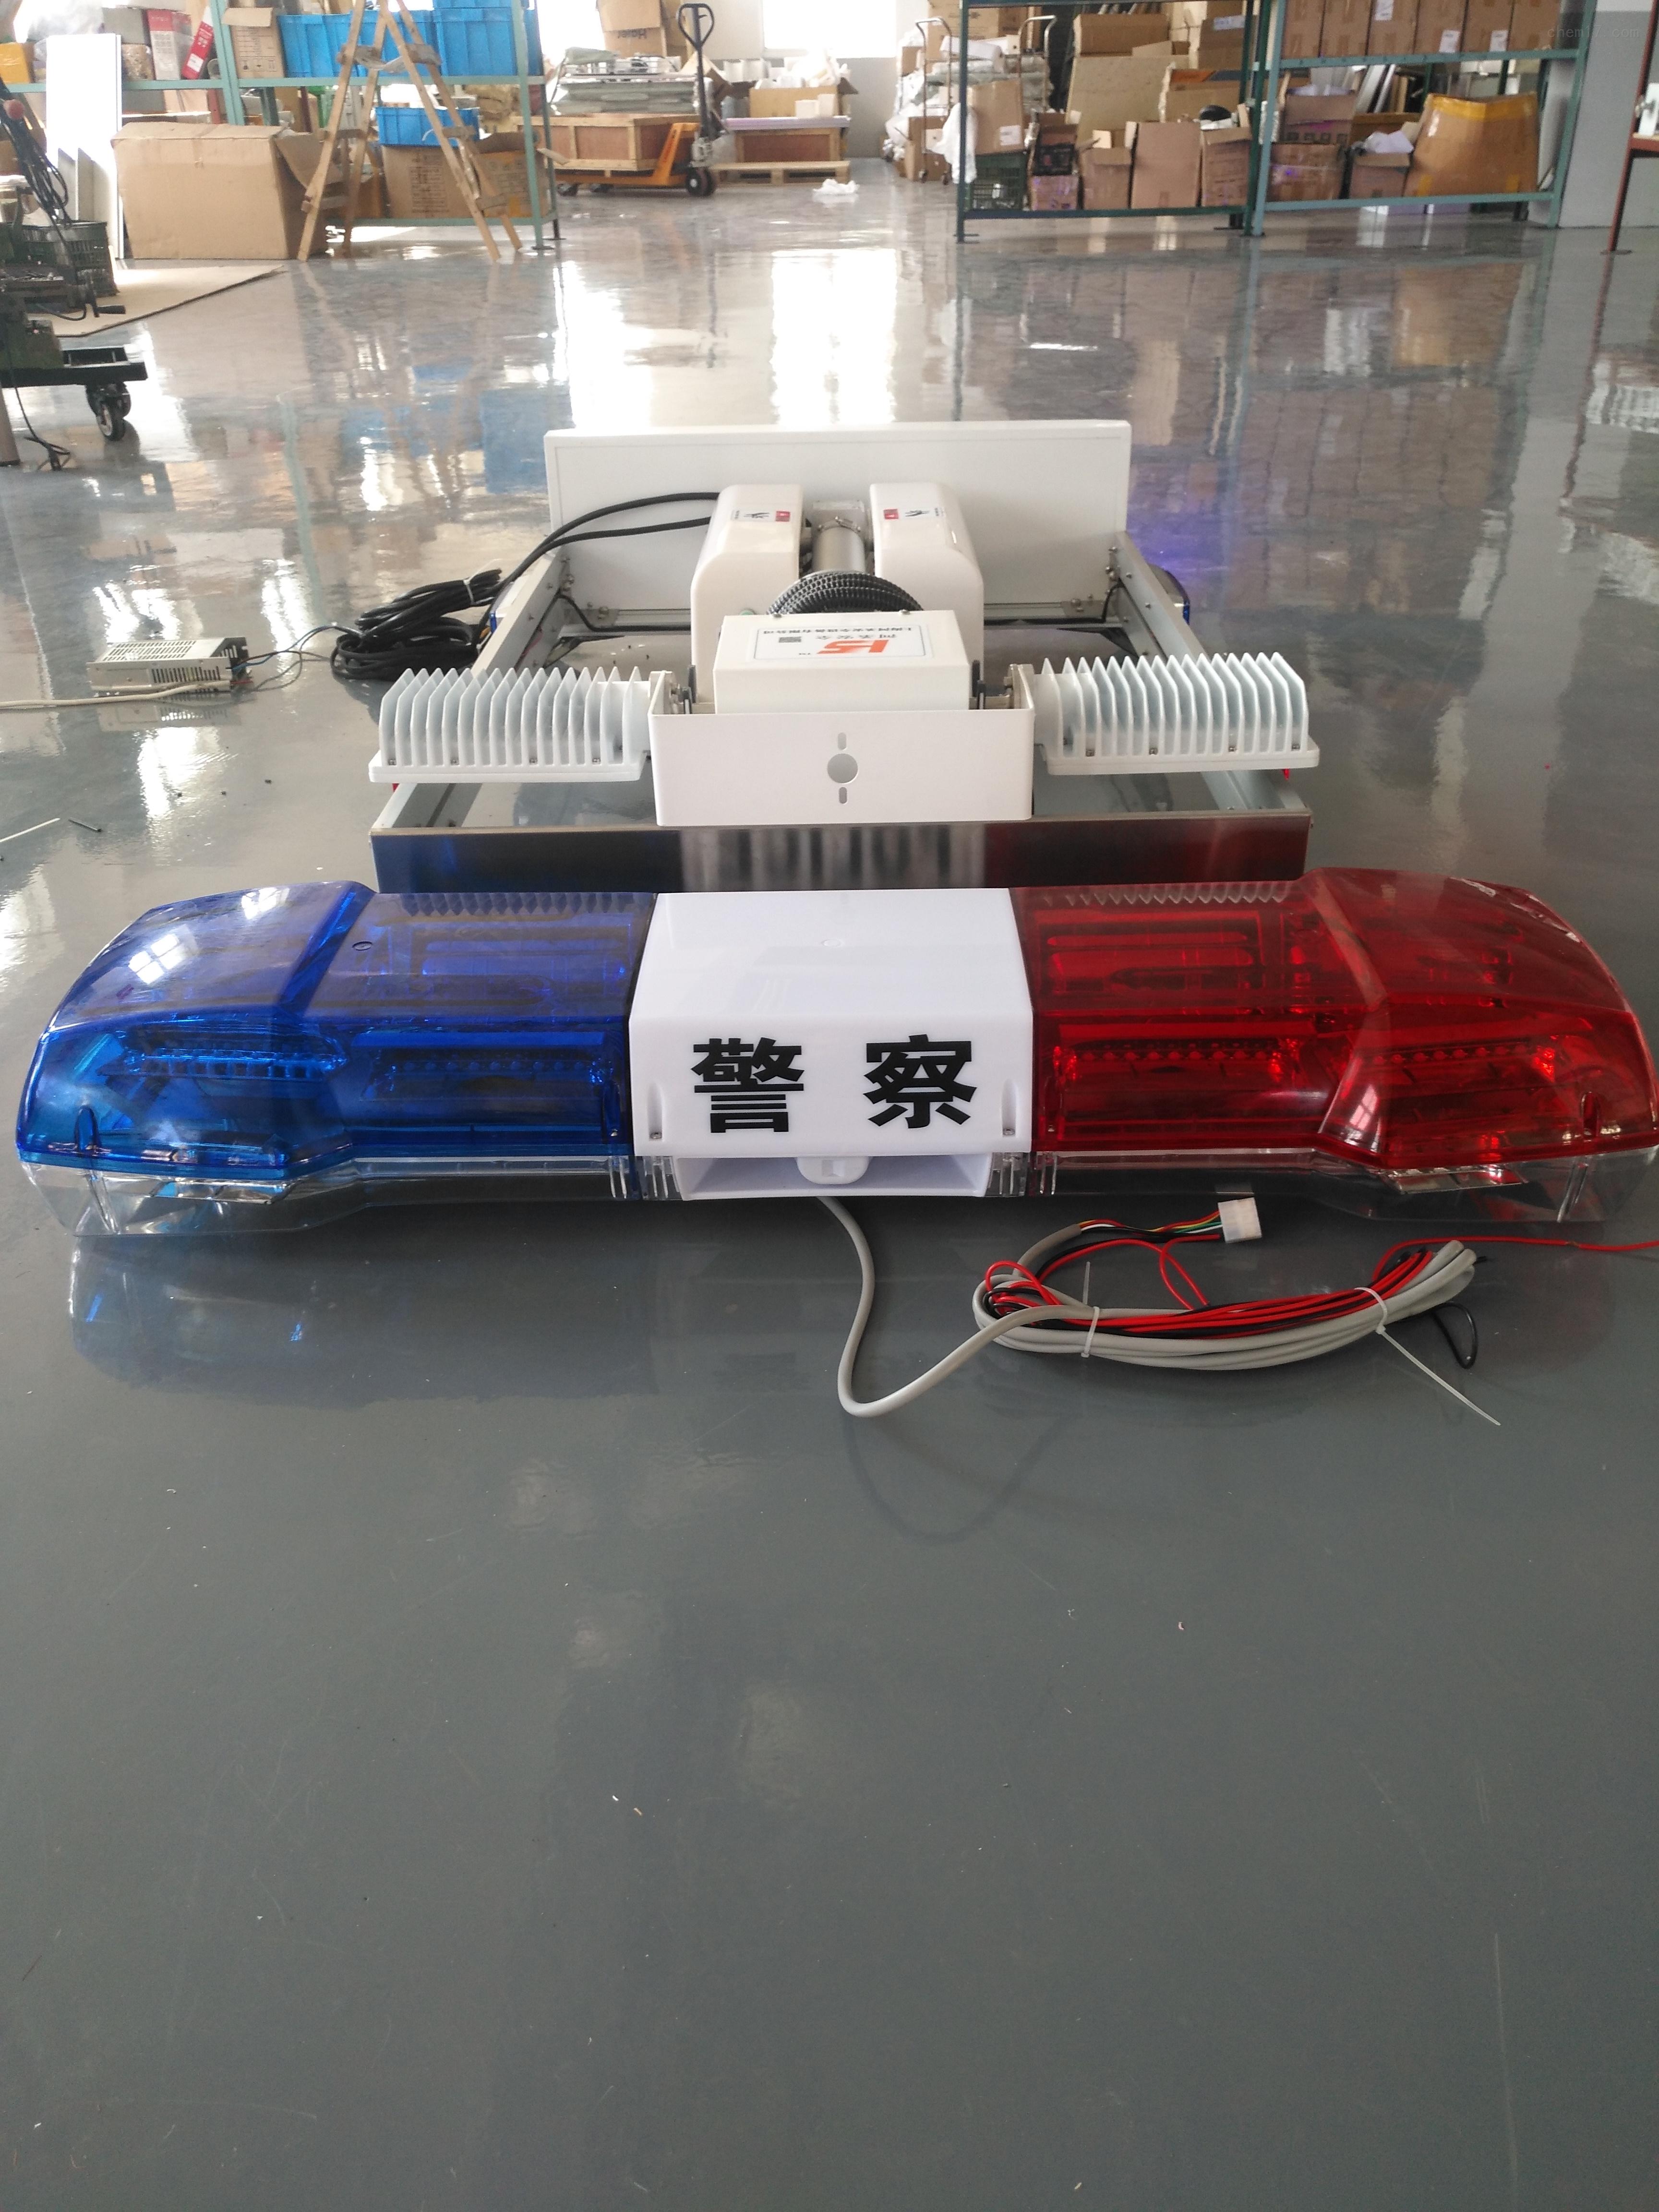 上海河圣 勘察车升降照明灯 2000W照明灯 定制服务